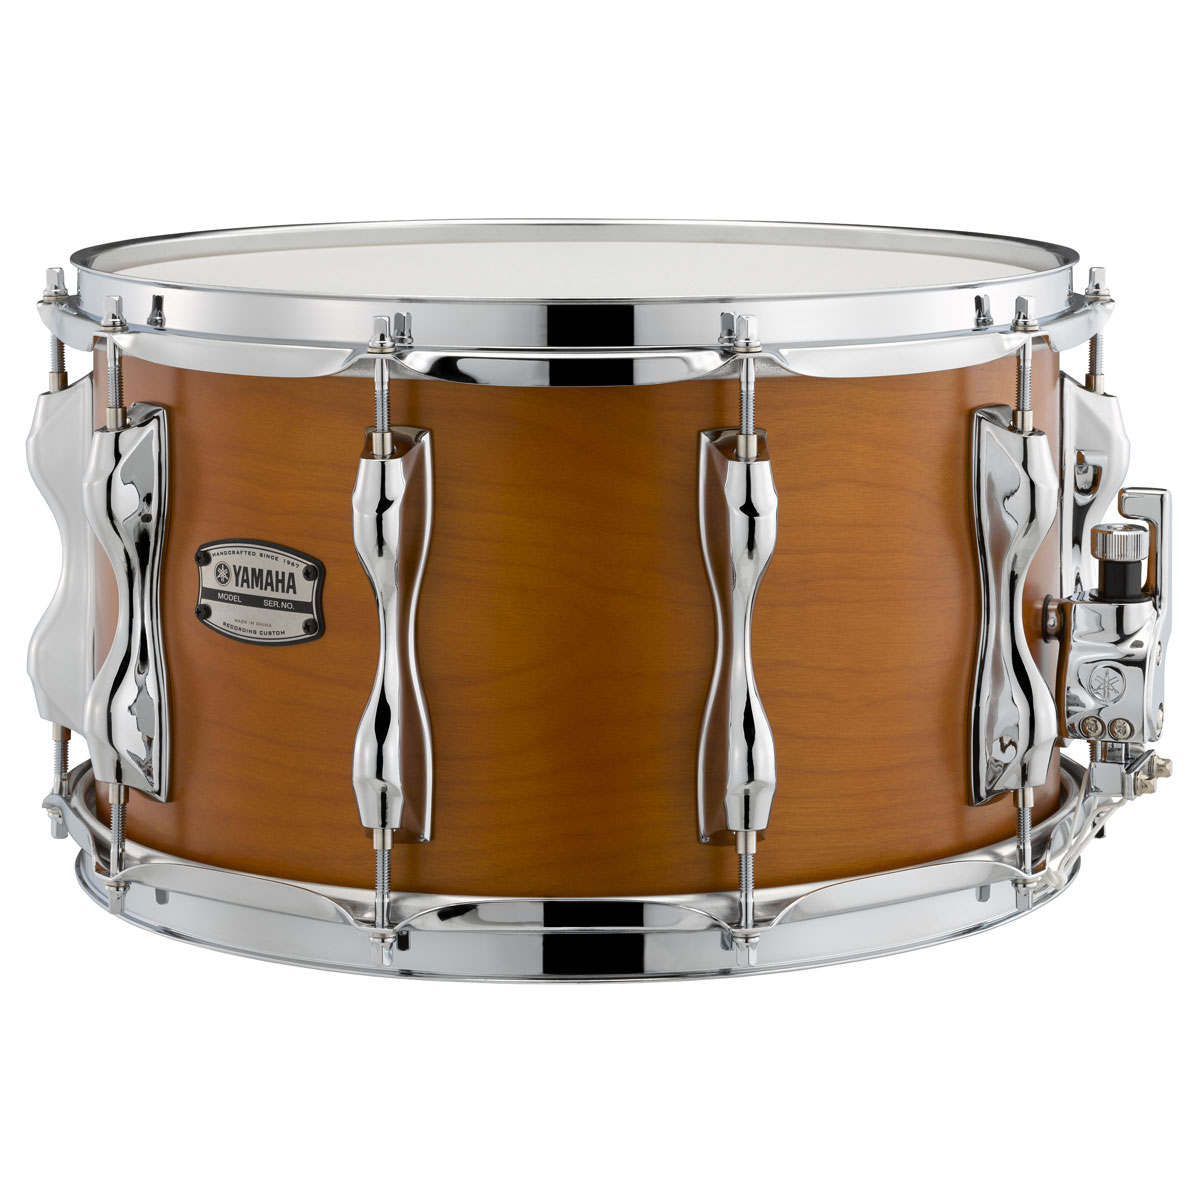 YAMAHA / RBS1480RW ヤマハ Recording Custom Wood Snare Drum 14x8 RW(リアルウッド)【YRK】